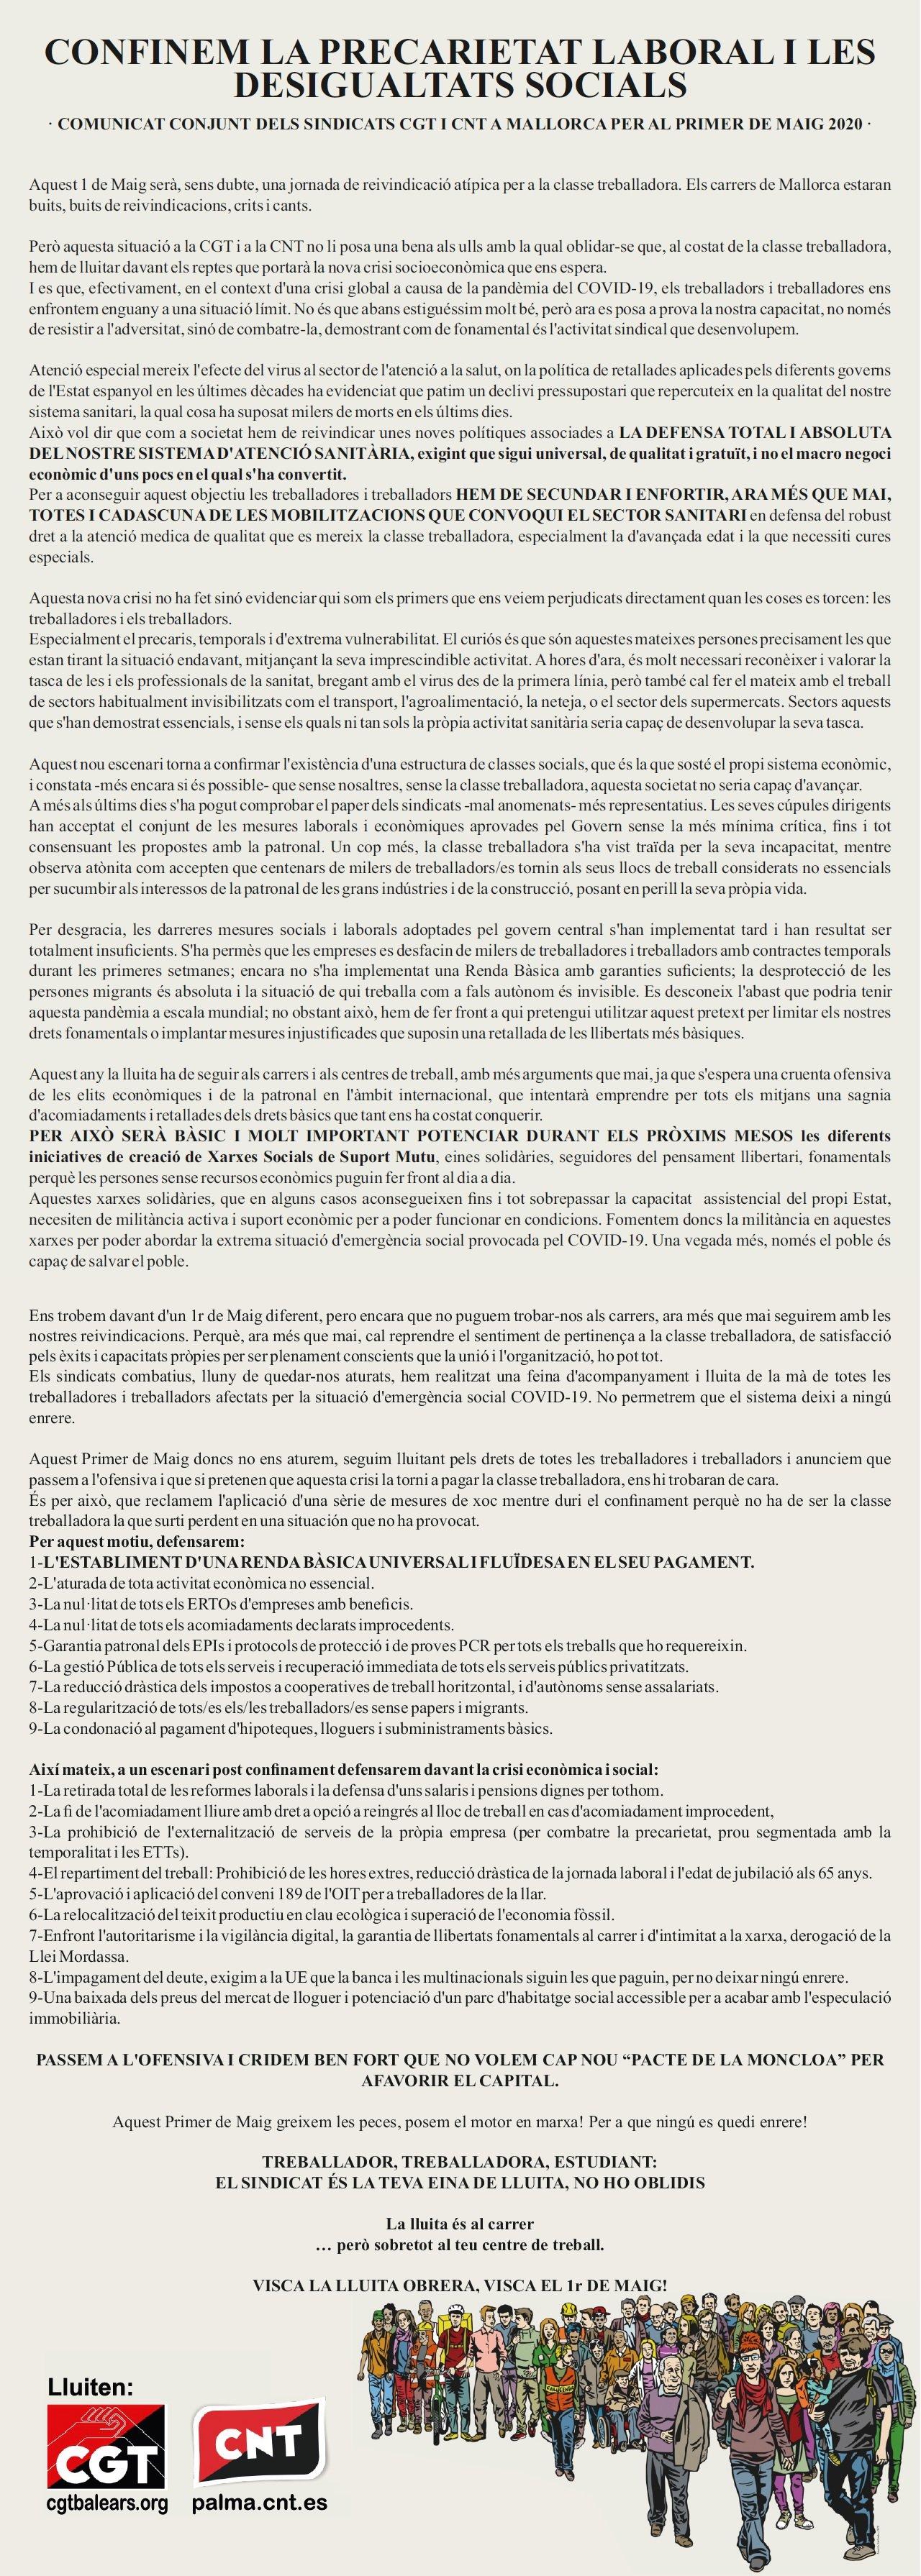 Confinem la precarietat laboral i les desigualtats socials (CGT-CNT)